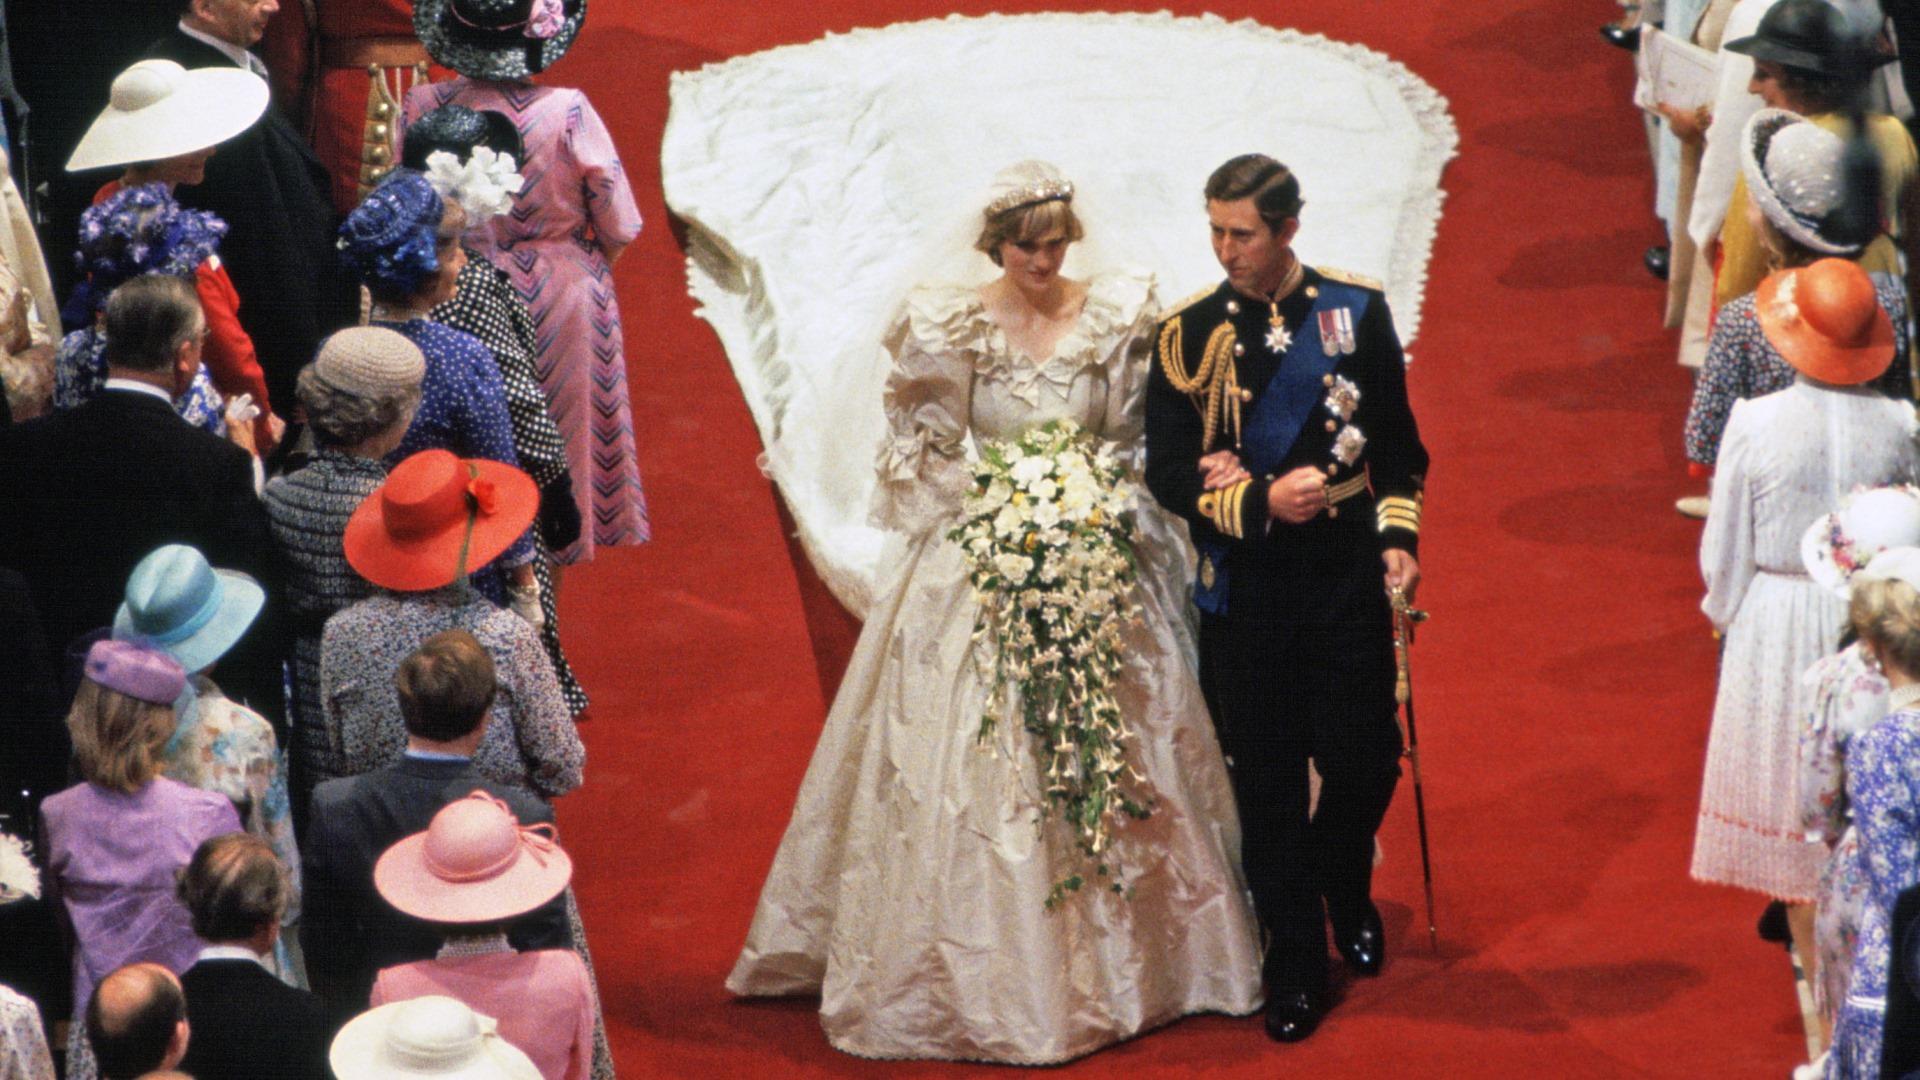 Svatba Charlese a Diany v číslech: Kolik peněz se utratilo a jak dlouhá byla legendární vlečka?